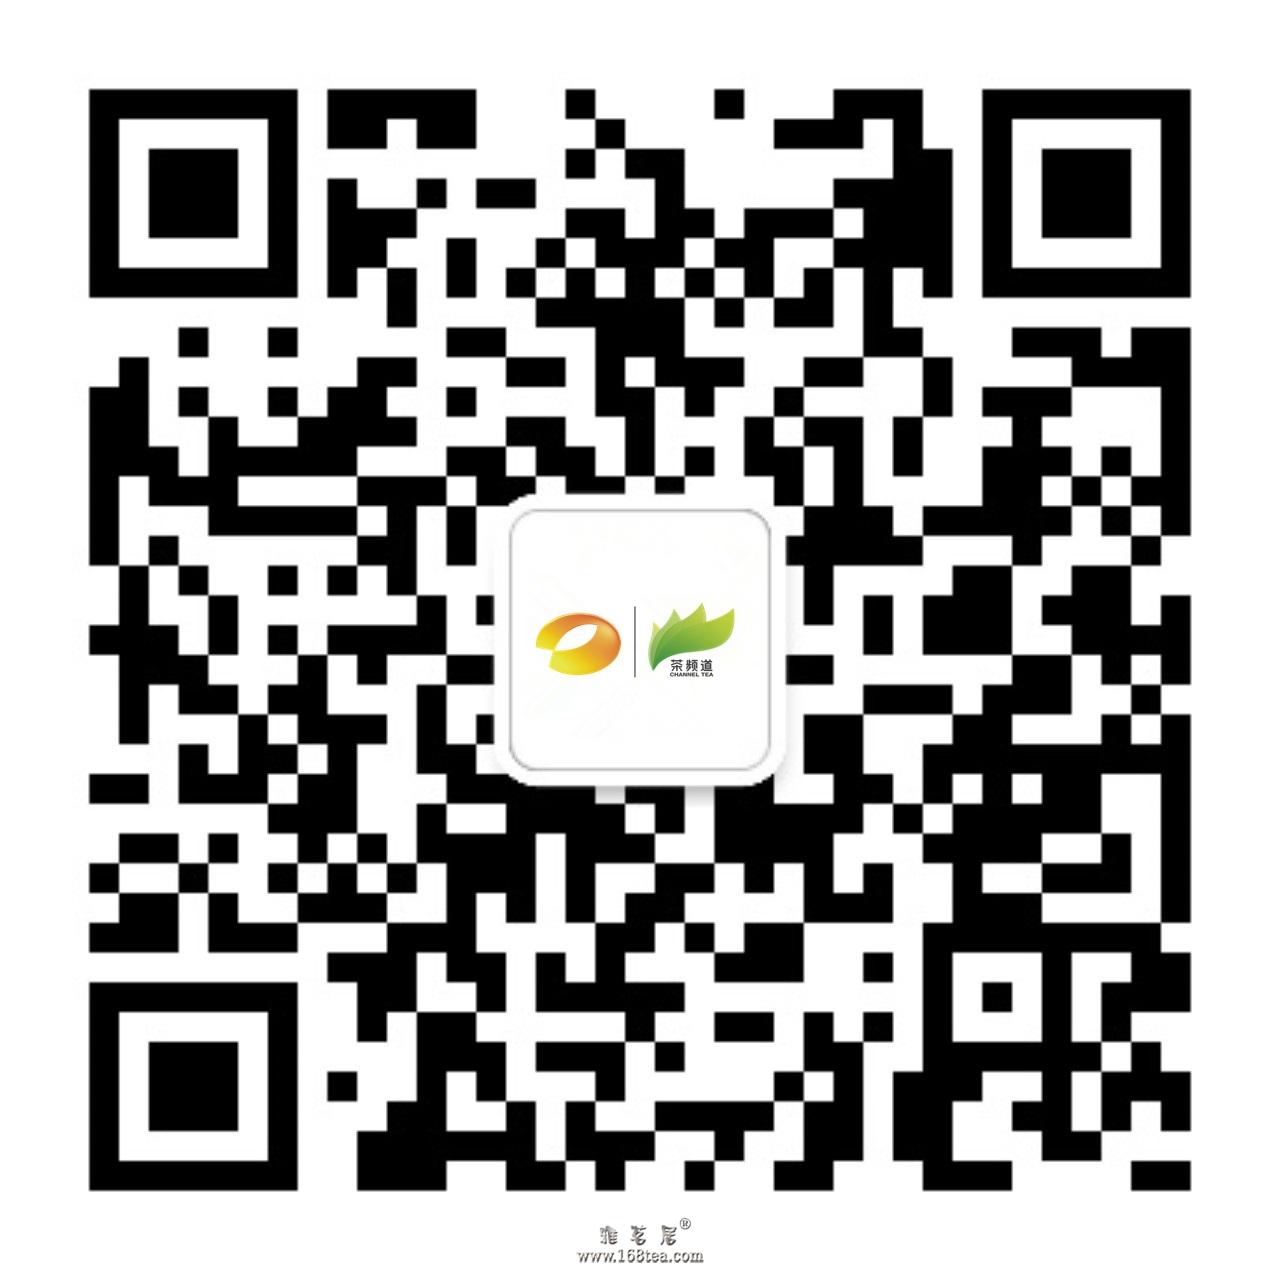 湖南卫视茶频道(让爱茶人随时随地能与频道自由对接)